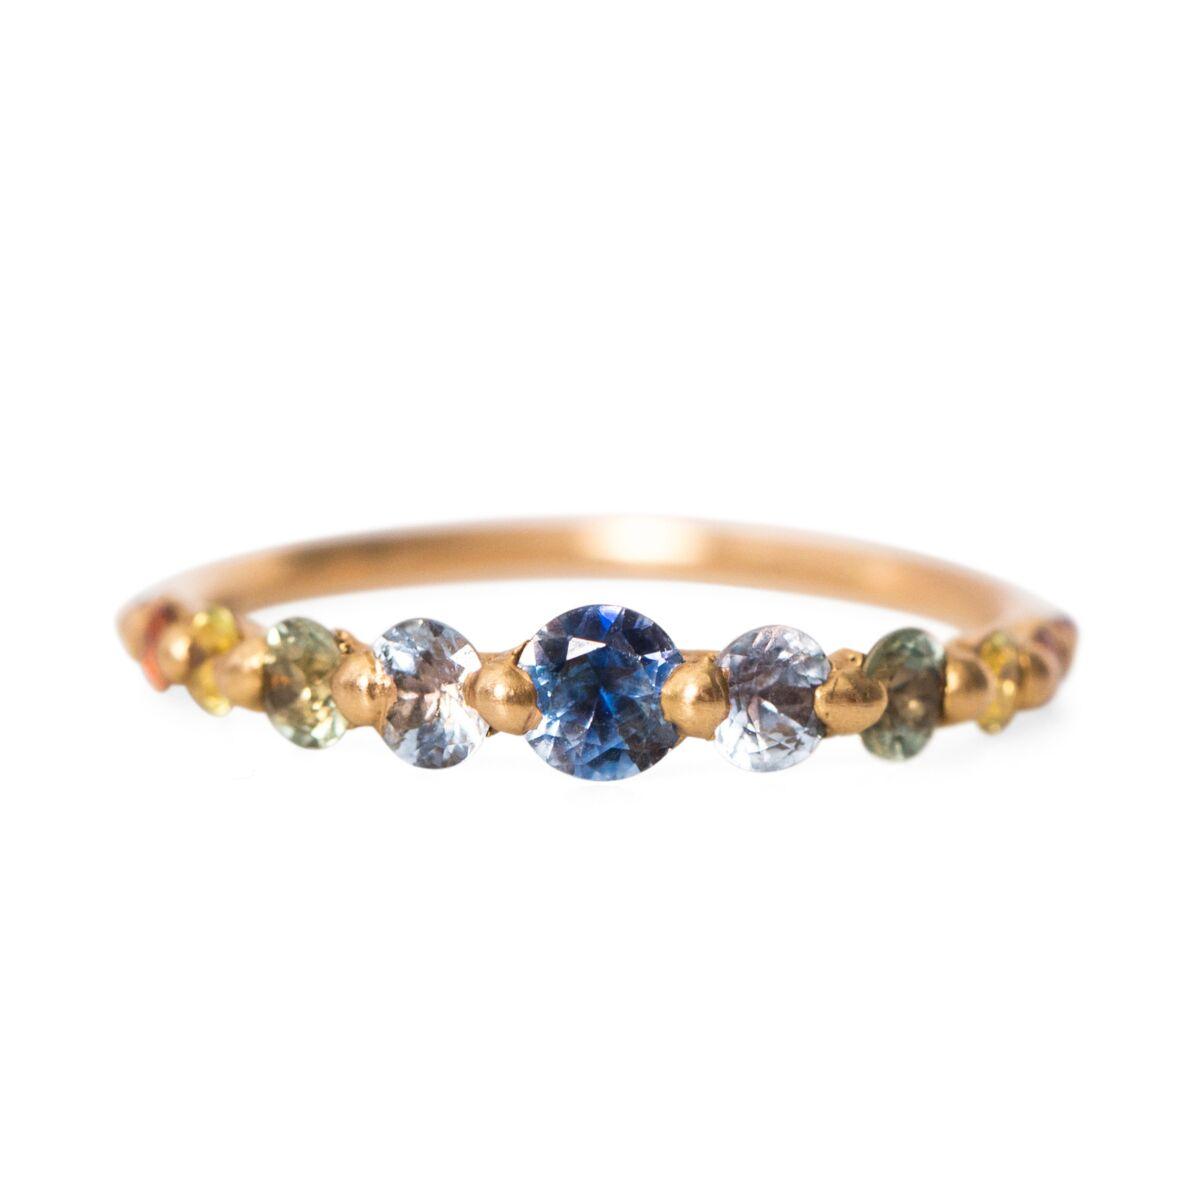 Iris Ring image